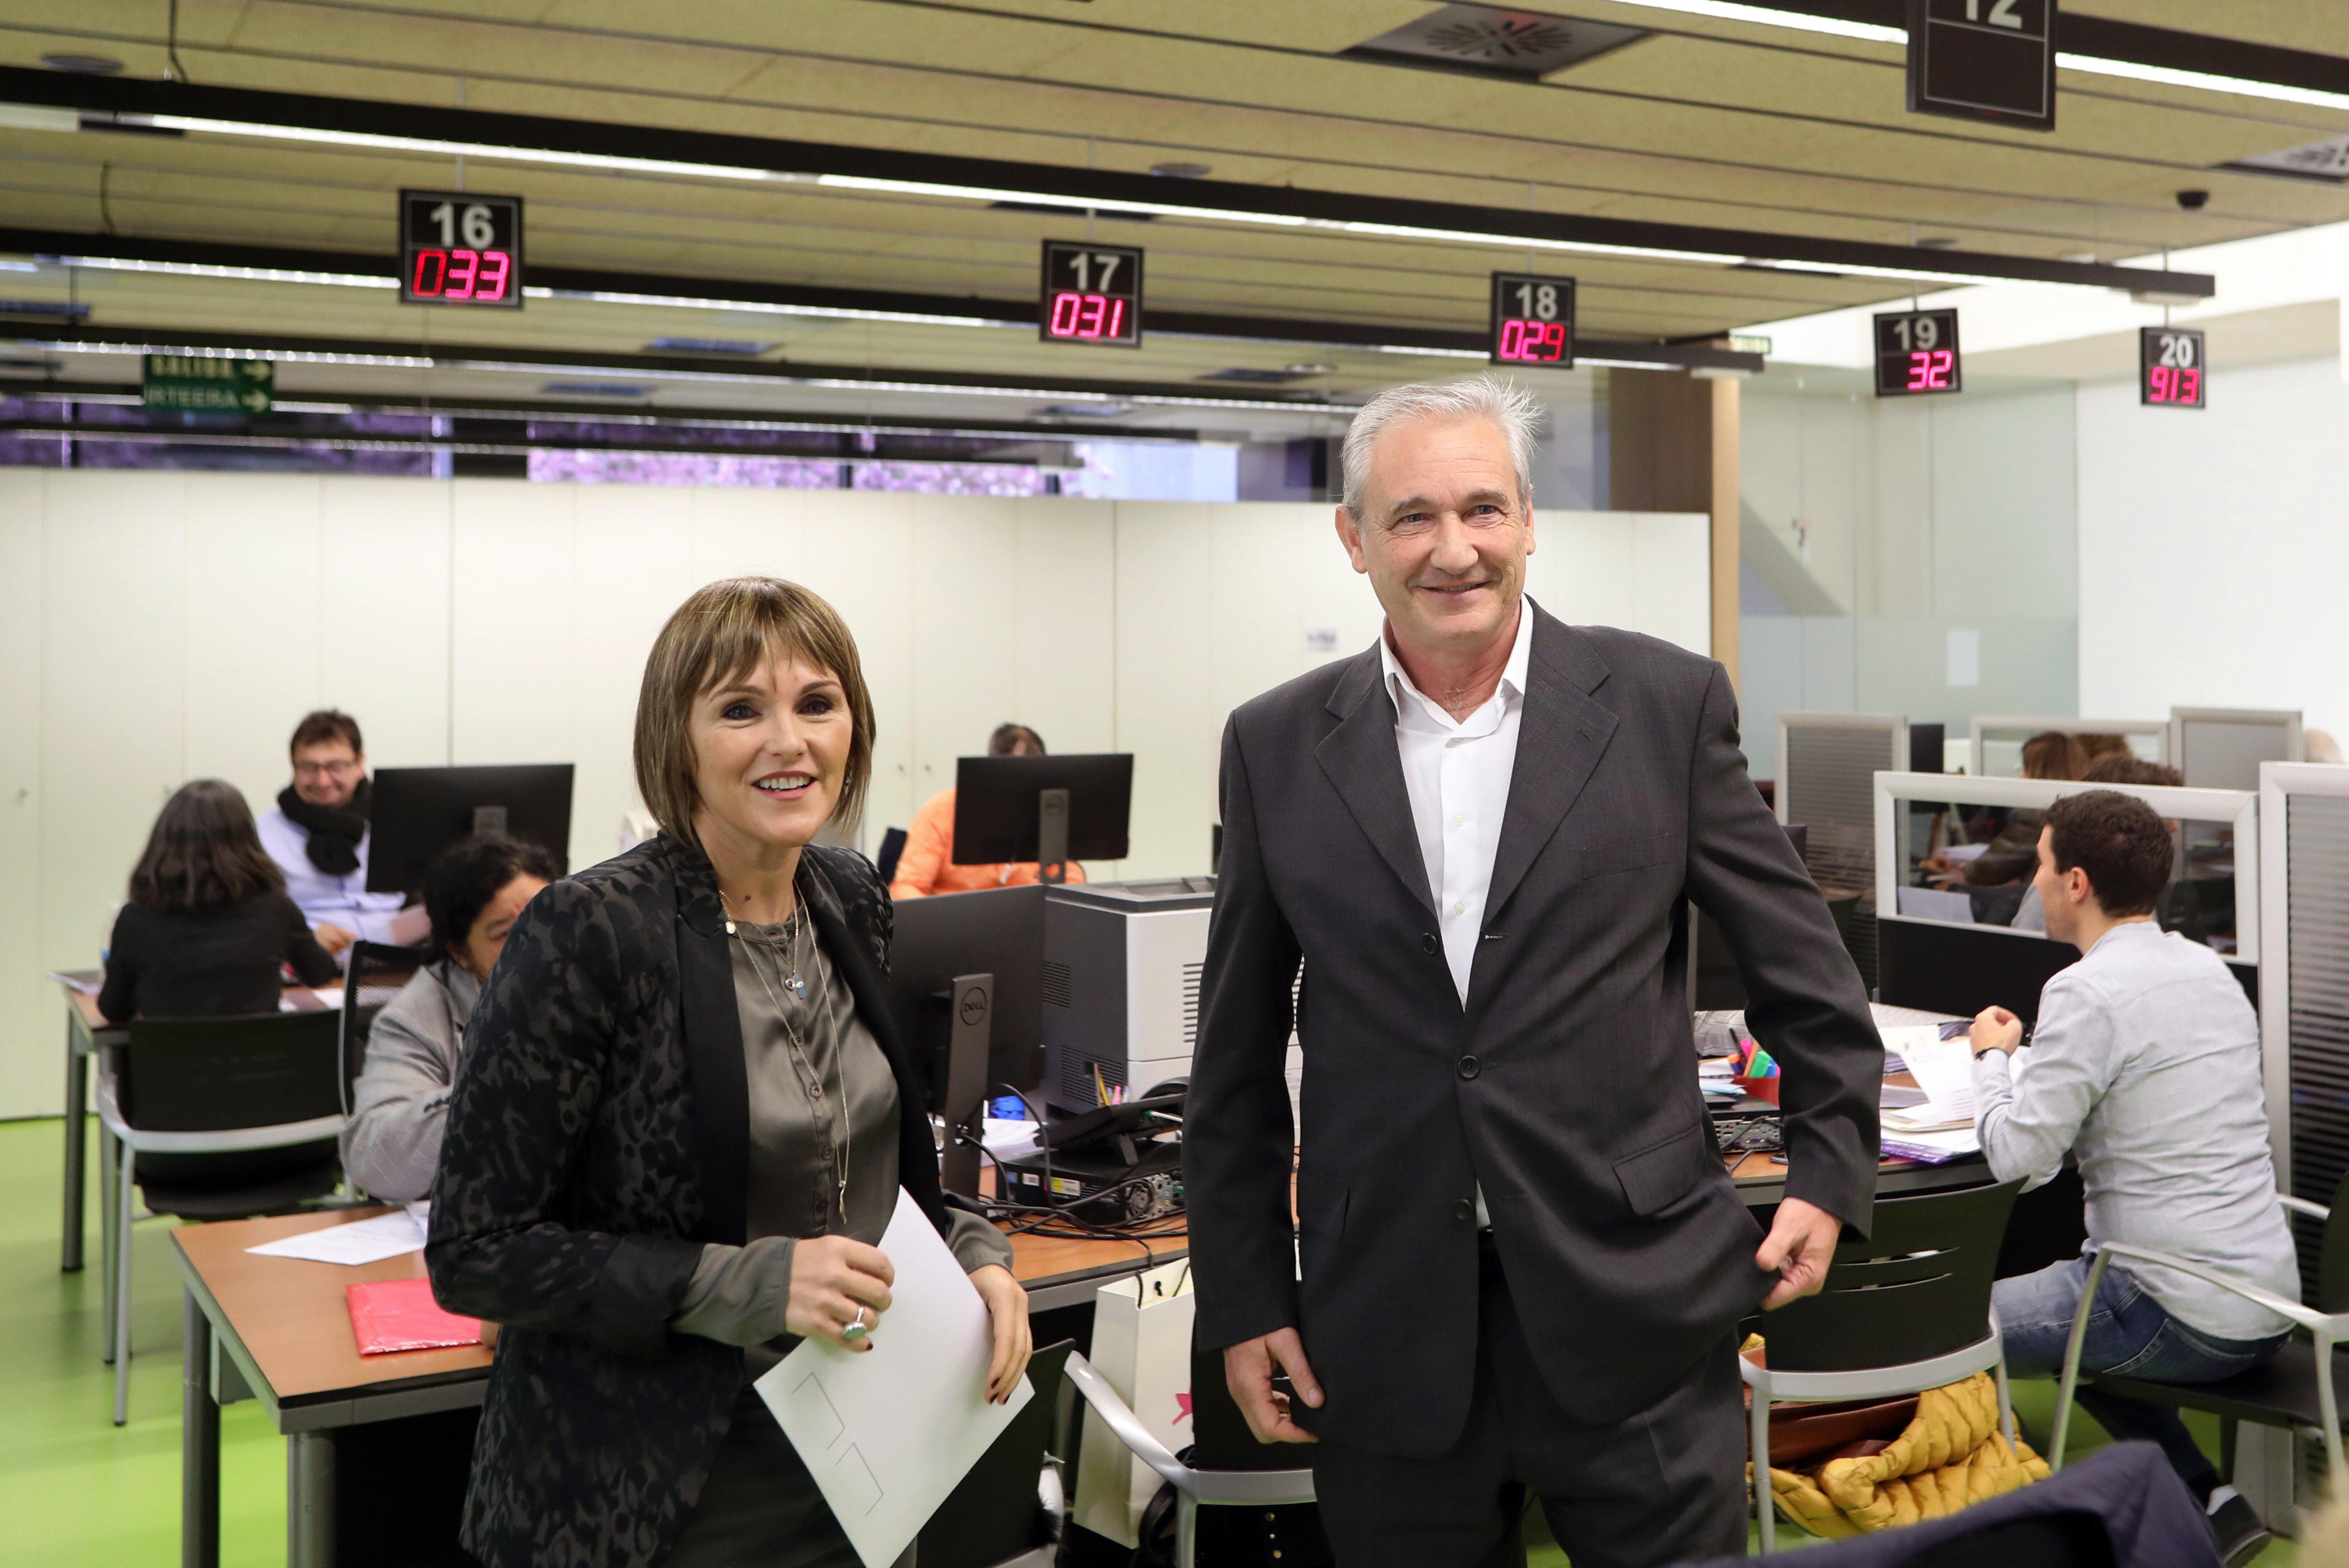 El consejero Aranburu y la directora Huarte, durante la visita a las oficinas de Hacienda de la calle Esquíroz.